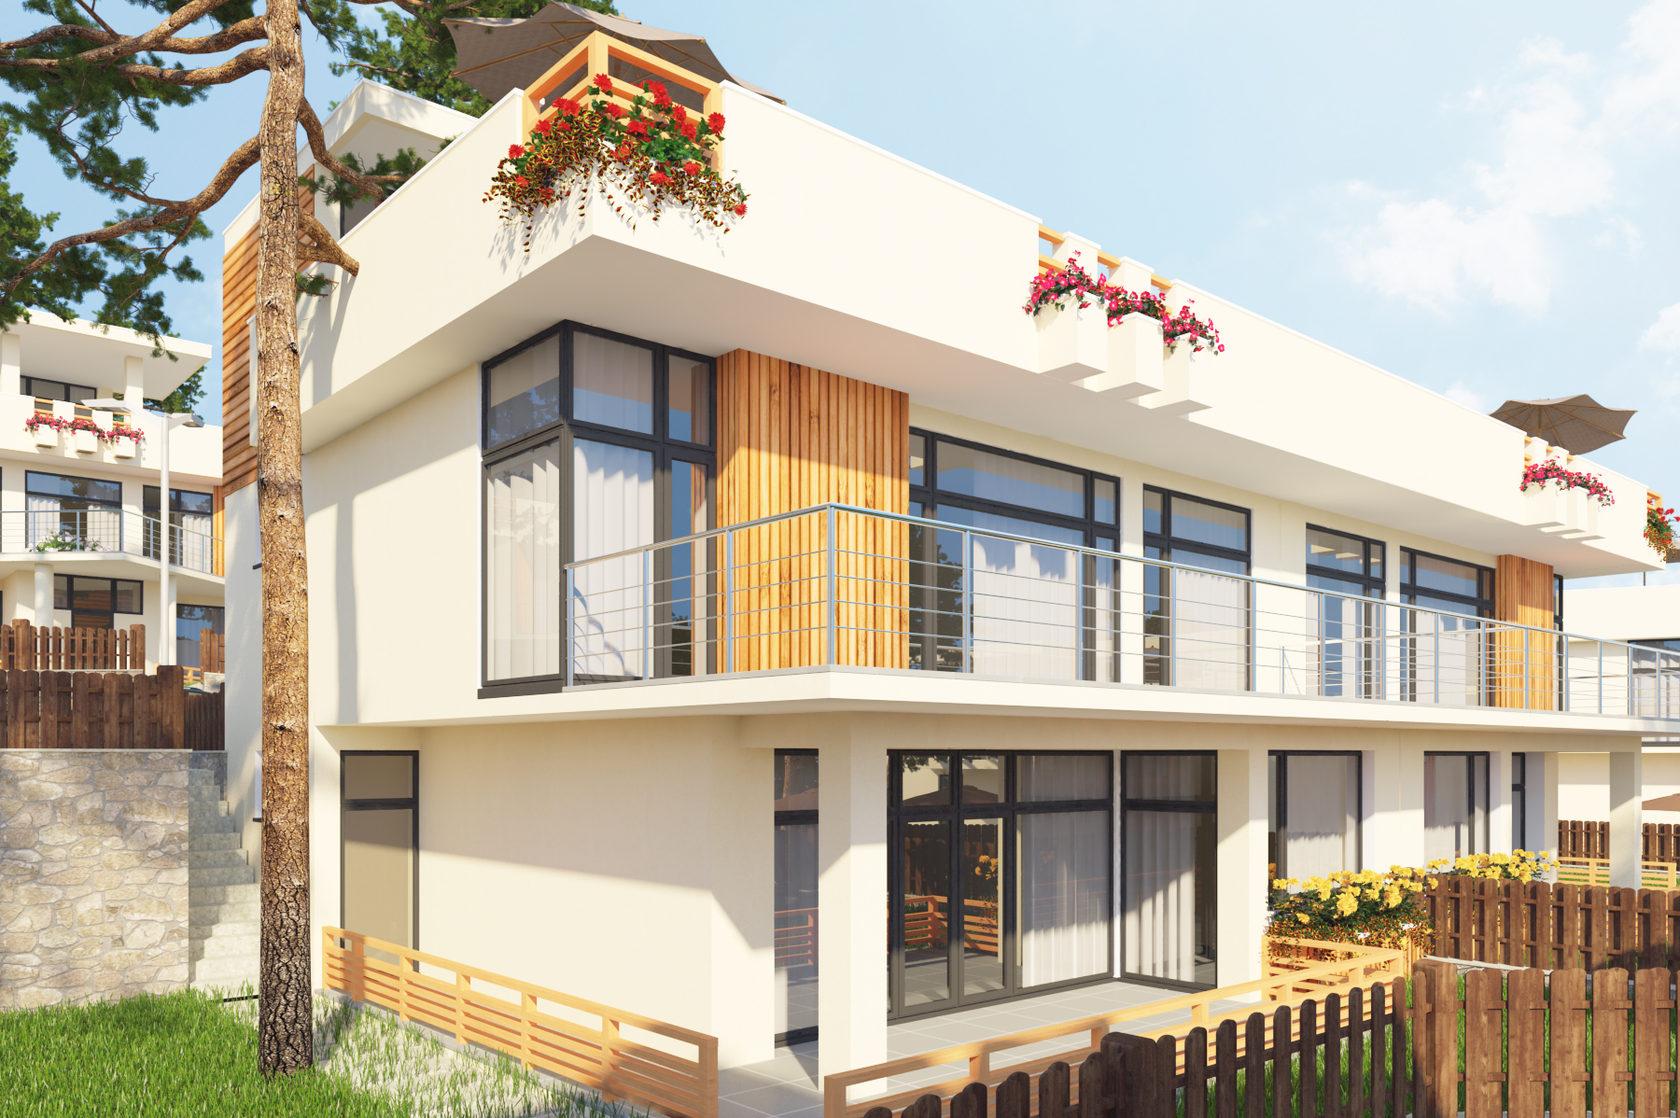 Duplex объединяет два зеркальных дома для одной или нескольких семей